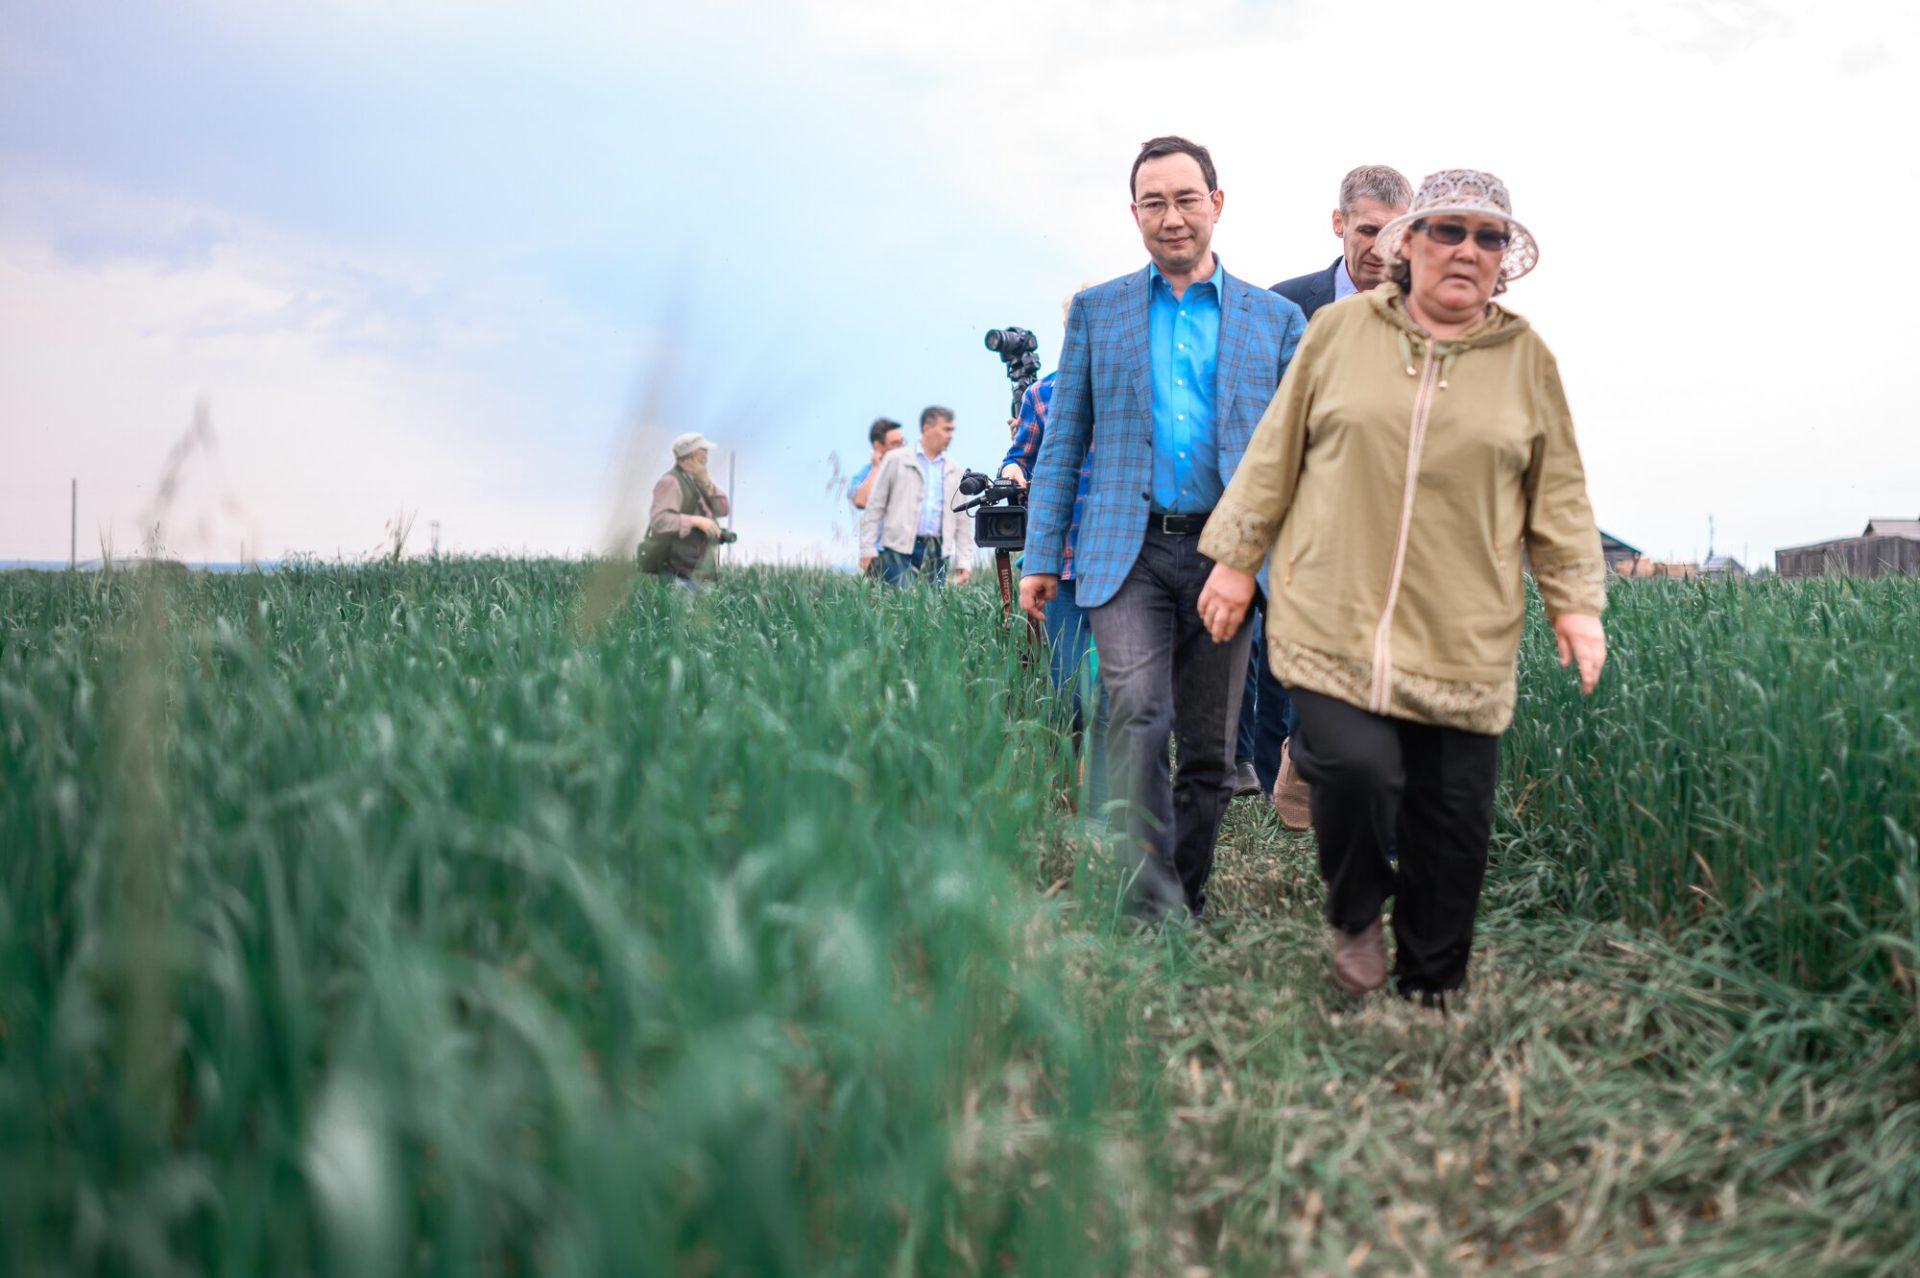 Айсен Николаев: «Сельское хозяйство Олекминского района должно стать передовым»